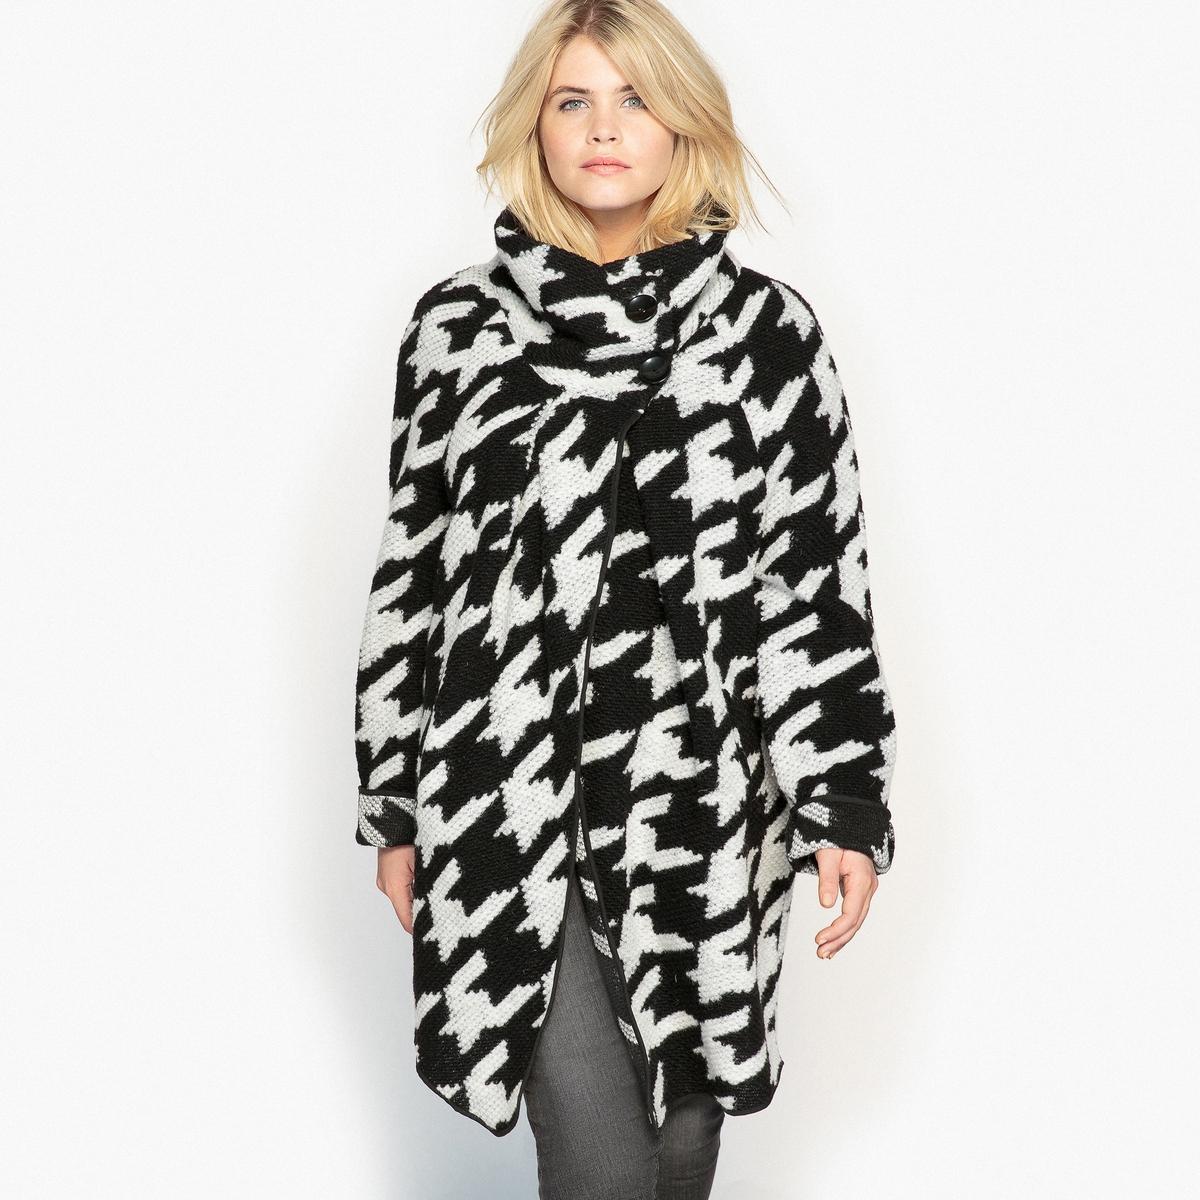 ПальтоОписание:Оригинальное асимметричное пальто с жаккардовым рисунком. Изящное пальто отлично подойдет к брюкам-слим.Детали •  Длина : средняя •  Воротник-стойка •  Жаккардовый рисунок •  Застежка на молниюСостав и уход •  33% шерсти, 67% полиэстера •  Температура стирки при 30° на деликатном режиме   • Низкая температура глажки / не отбеливать   •  Не использовать барабанную сушку   • Сухая чистка запрещенаТовар из коллекции больших размеров •  Длина : 97,8 см<br><br>Цвет: гусиная лапка<br>Размер: 58 (FR) - 64 (RUS).46 (FR) - 52 (RUS).44 (FR) - 50 (RUS).48 (FR) - 54 (RUS).54 (FR) - 60 (RUS).56 (FR) - 62 (RUS)